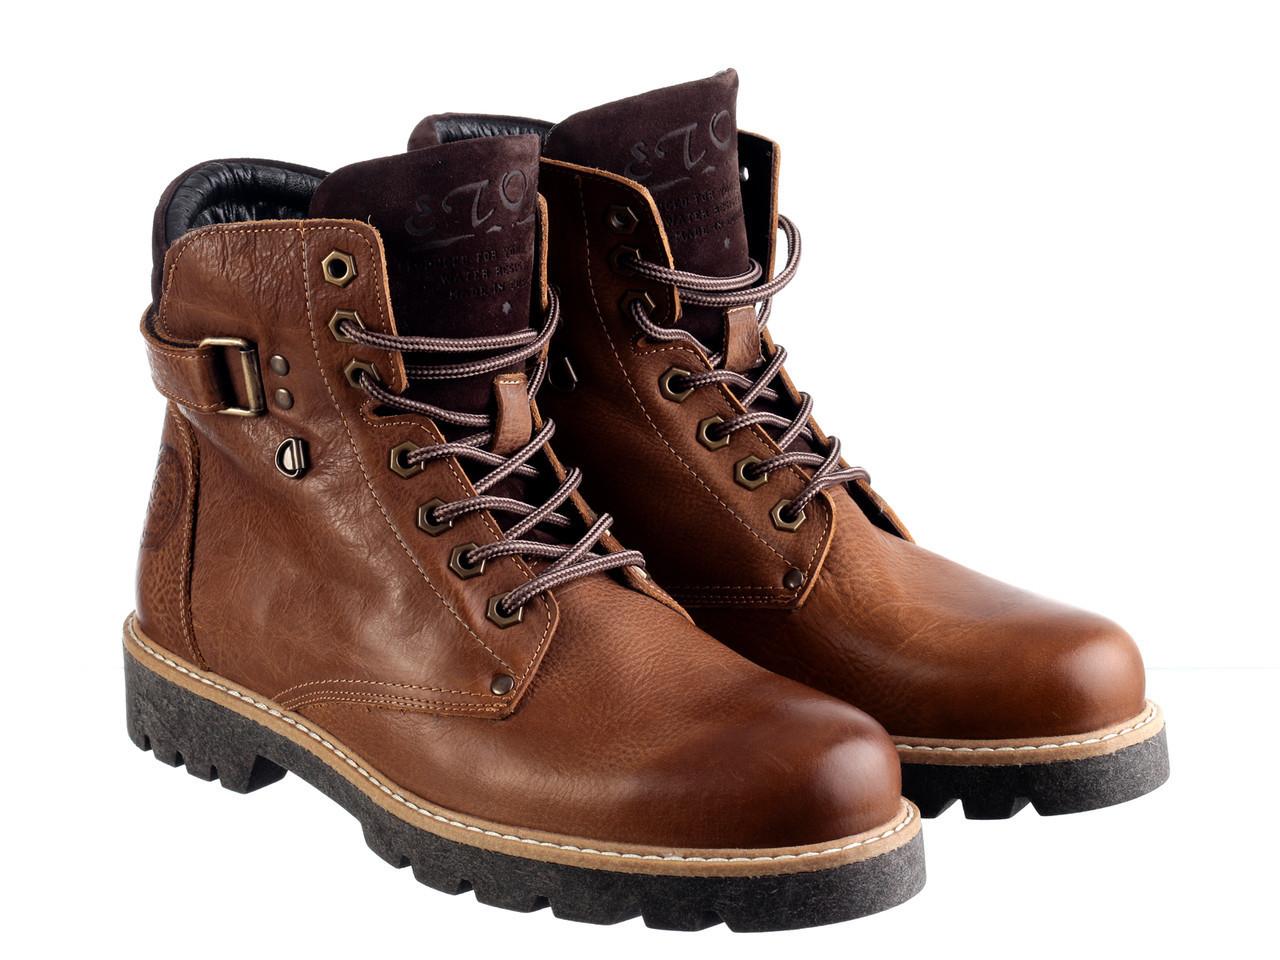 Ботинки Etor 8650-04545-3863 42 коричневые